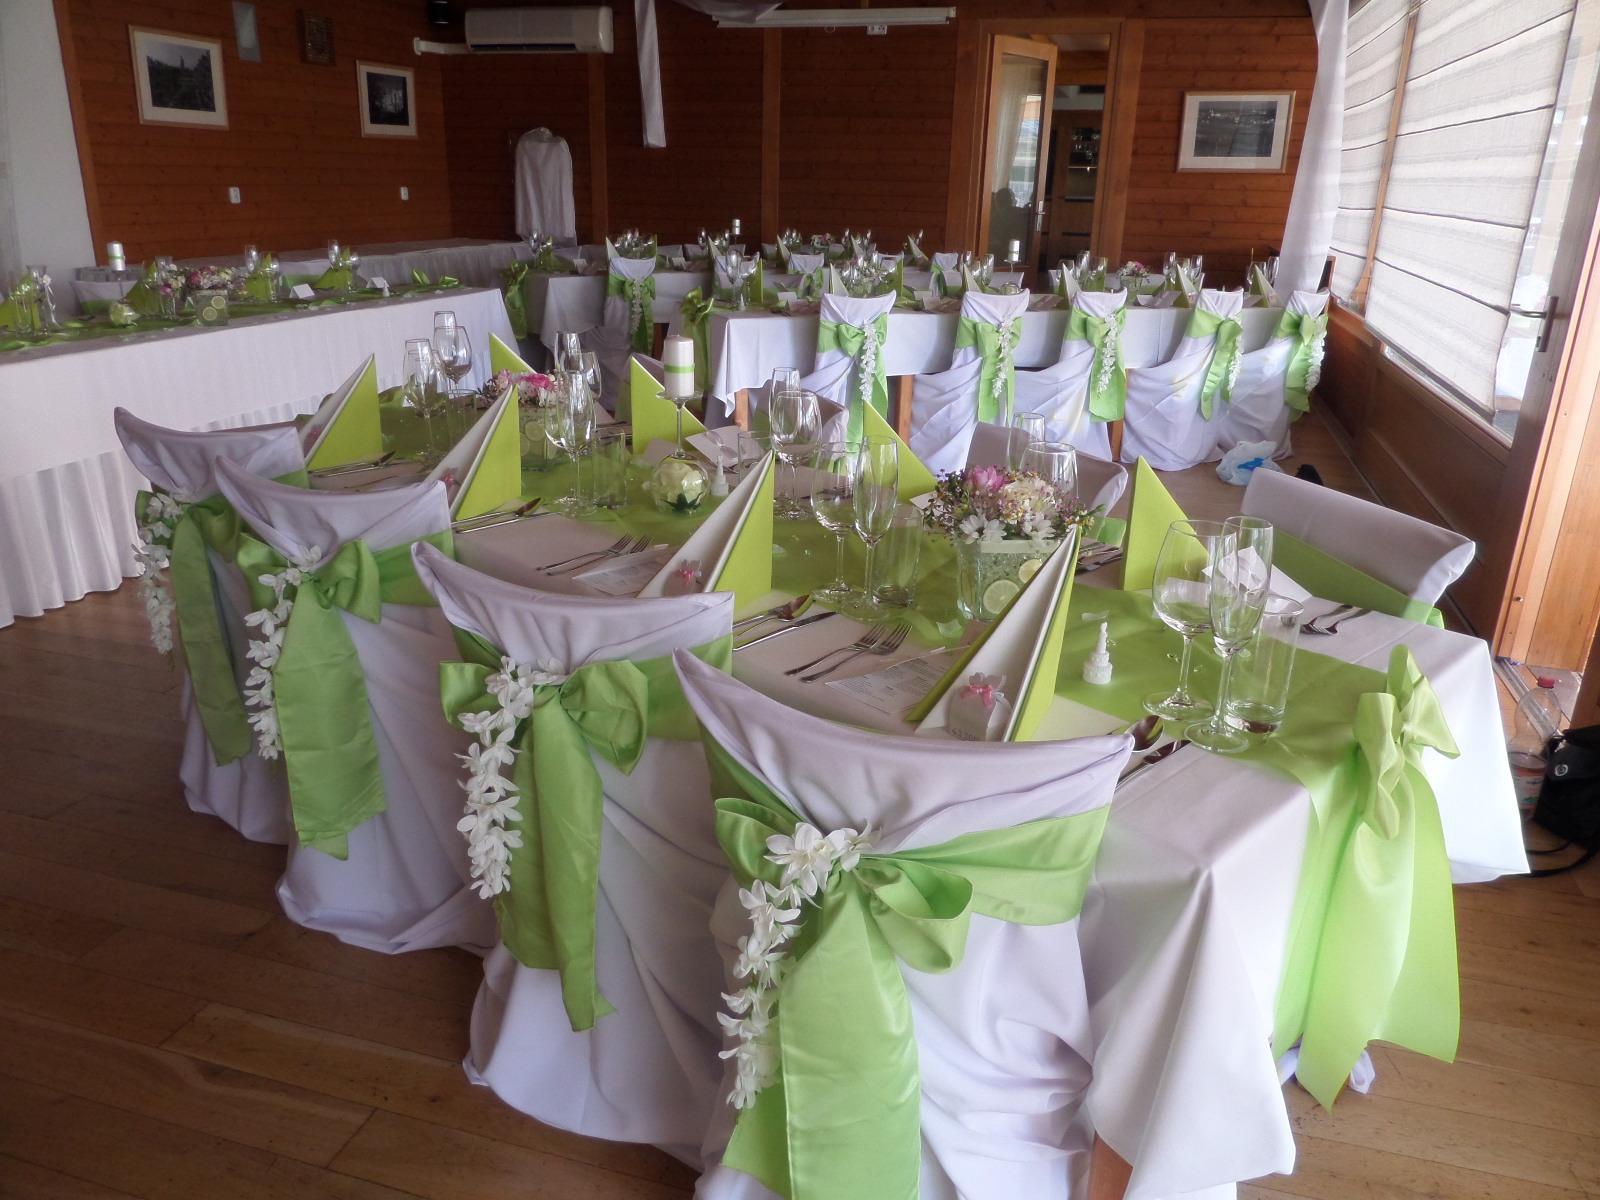 janne1 - Wisterie-květy jako dekorace na židlích